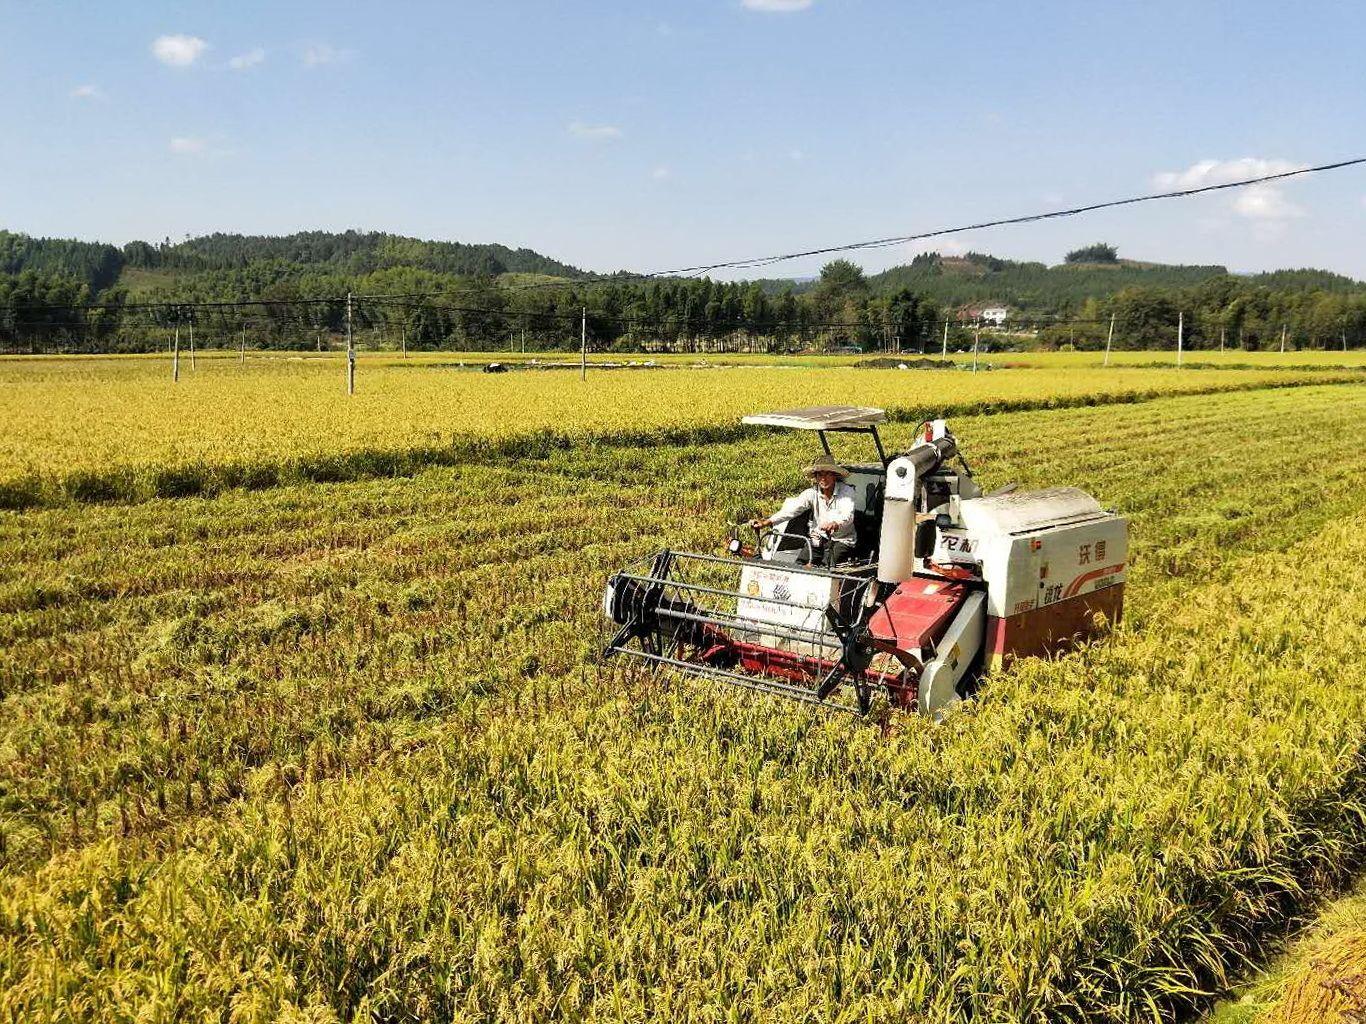 我国研发出经济适用型杂交水稻制种机械